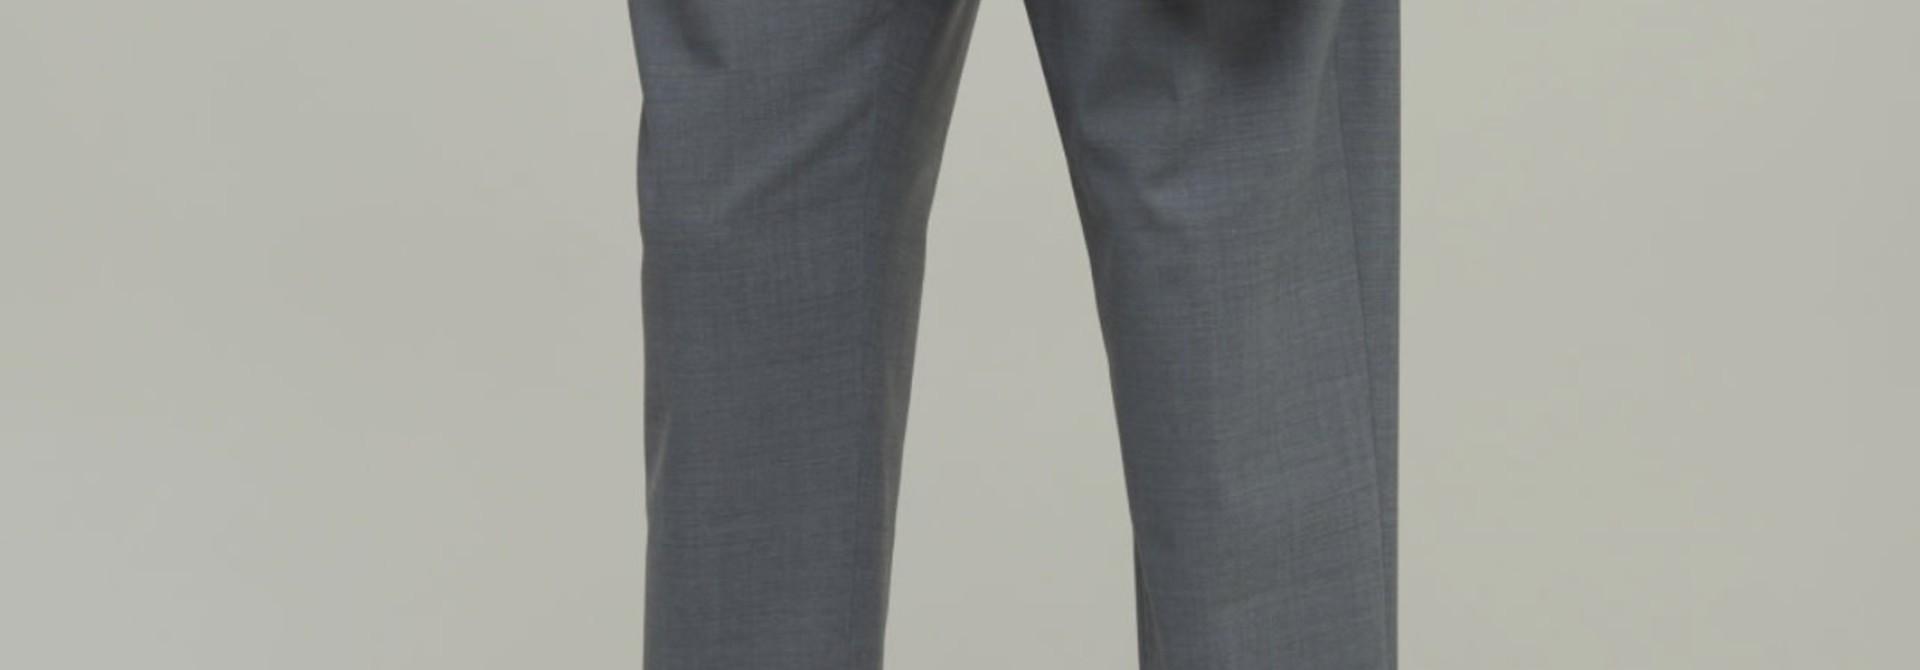 nagoya tapered  grey